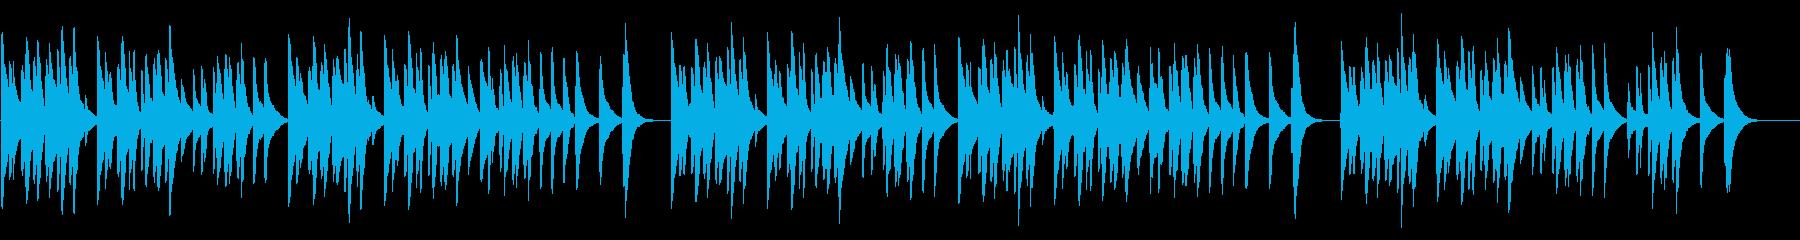 あめふり 18弁オルゴールの再生済みの波形